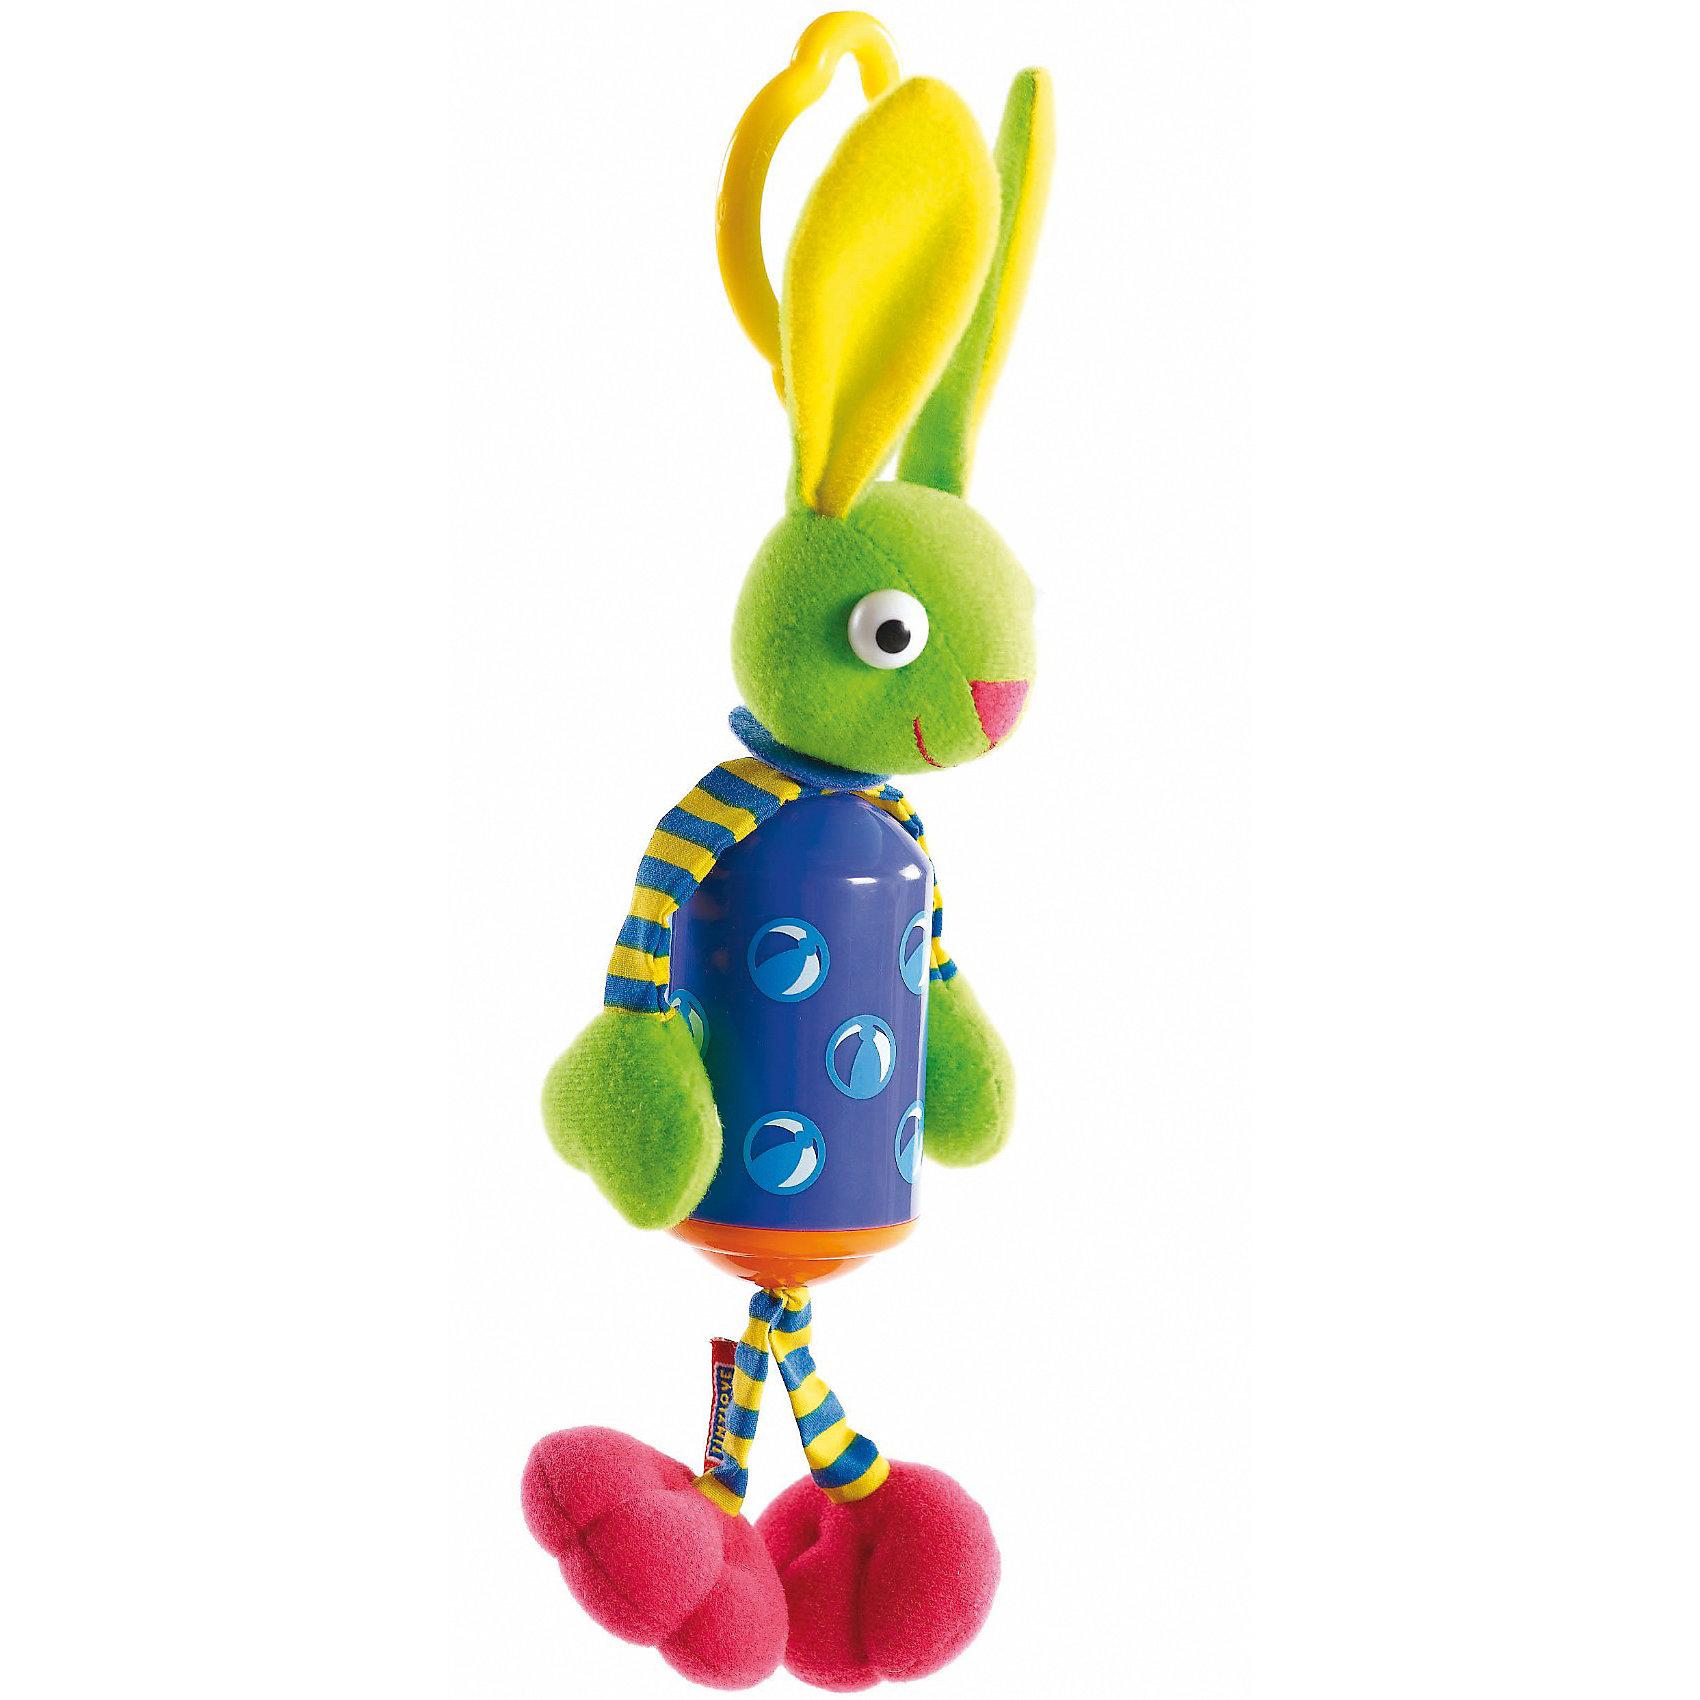 Развивающая игрушка Зайчик-колокольчик, Tiny LoveПодвески<br>Развивающая игрушка Зайчик-колокольчик, Tiny Love (Тини Лав)<br><br>Подвесная игрушка зайчик-колокольчик Бани обязательно понравятся малышу. Тело игрушки выполнено в ярких тонах  является ветряным колокольчиком. Мордочка  ручки и ножки игрушки сделаны из приятных текстильных материалов различной фактуры, кроме того в игрушке  спрятаны «хрустелки» столь любимые малышами. <br> При малейшем колебании колокольчик издает не громкий мелодичный звук. <br><br>Дополнительно:<br>- Размер игрушки: 27*10*7 см. <br>- Упаковка товара - Открытая игрушка на фирменном блистере <br>- Материал: фарфоровый пластик<br><br>Развивающую игрушку Зайчик-колокольчик, Tiny Love (Тини Лав) можно купить в нашем интернет – магазине.<br><br>Ширина мм: 70<br>Глубина мм: 340<br>Высота мм: 130<br>Вес г: 153<br>Возраст от месяцев: 0<br>Возраст до месяцев: 24<br>Пол: Унисекс<br>Возраст: Детский<br>SKU: 3421208